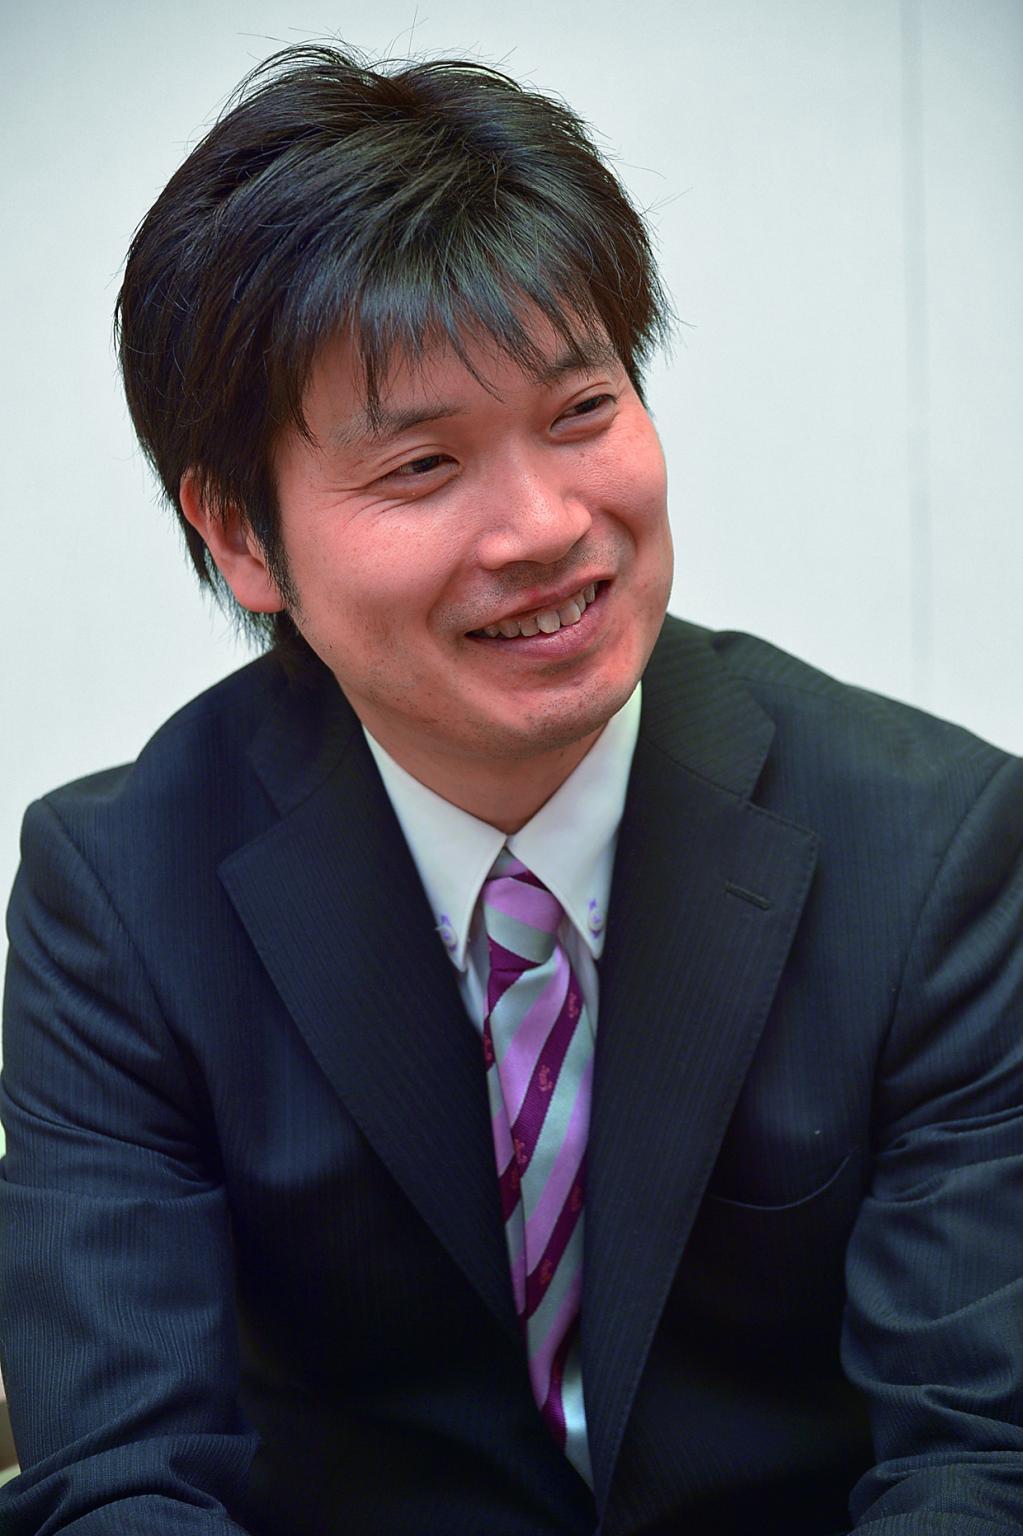 トヨタ自動車株式会社 ユニットセンター エンジン設計部 第2基盤技術設計室 主任:西浦博之氏(肩書きは取材当時)